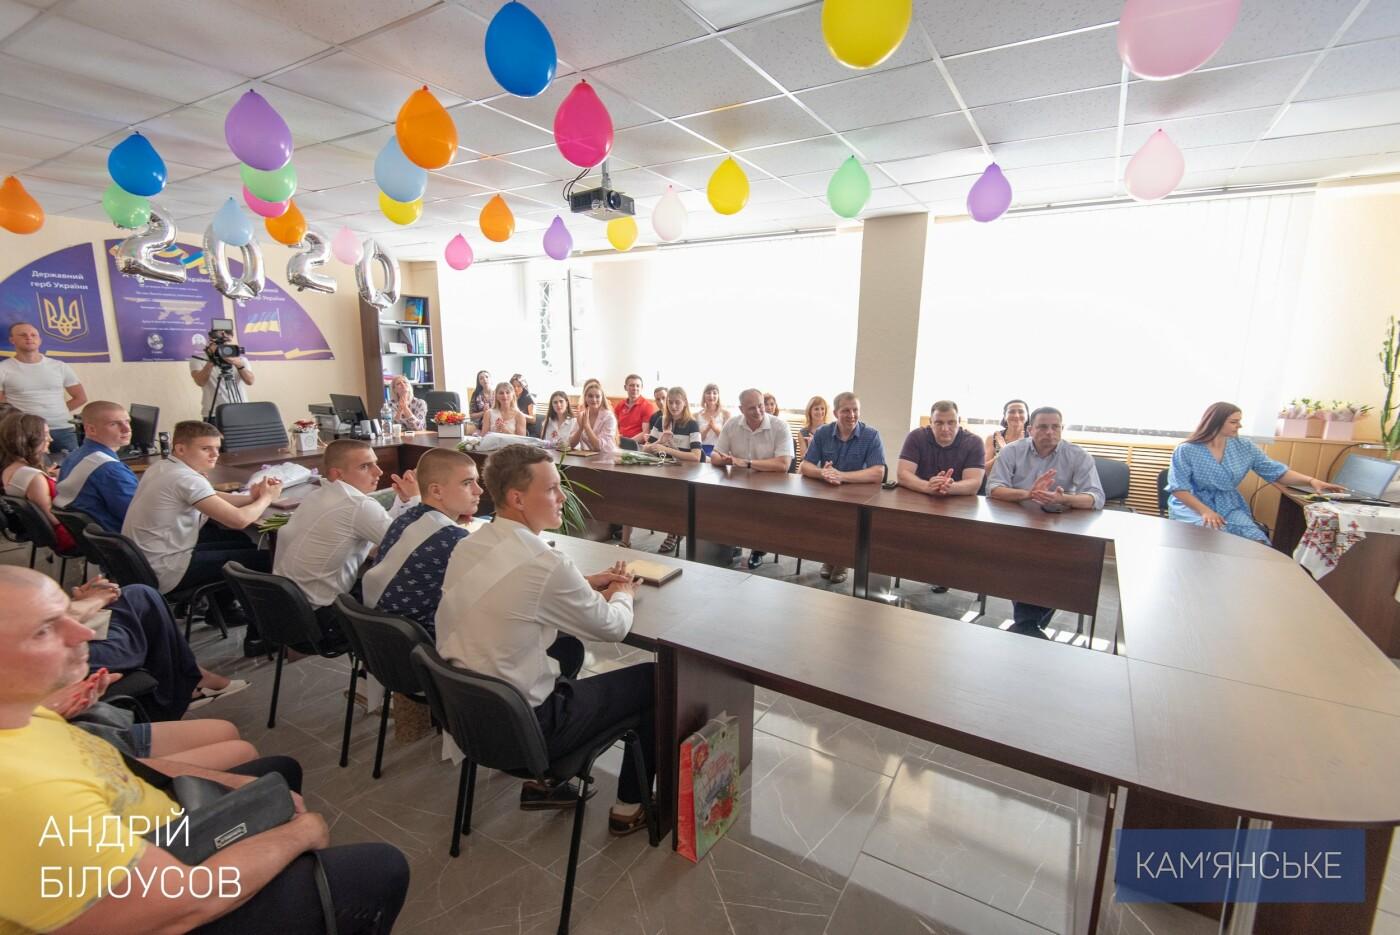 Выпускникам ДЮСШ №4 вручили свидетельства об окончании спортшколы, фото-7